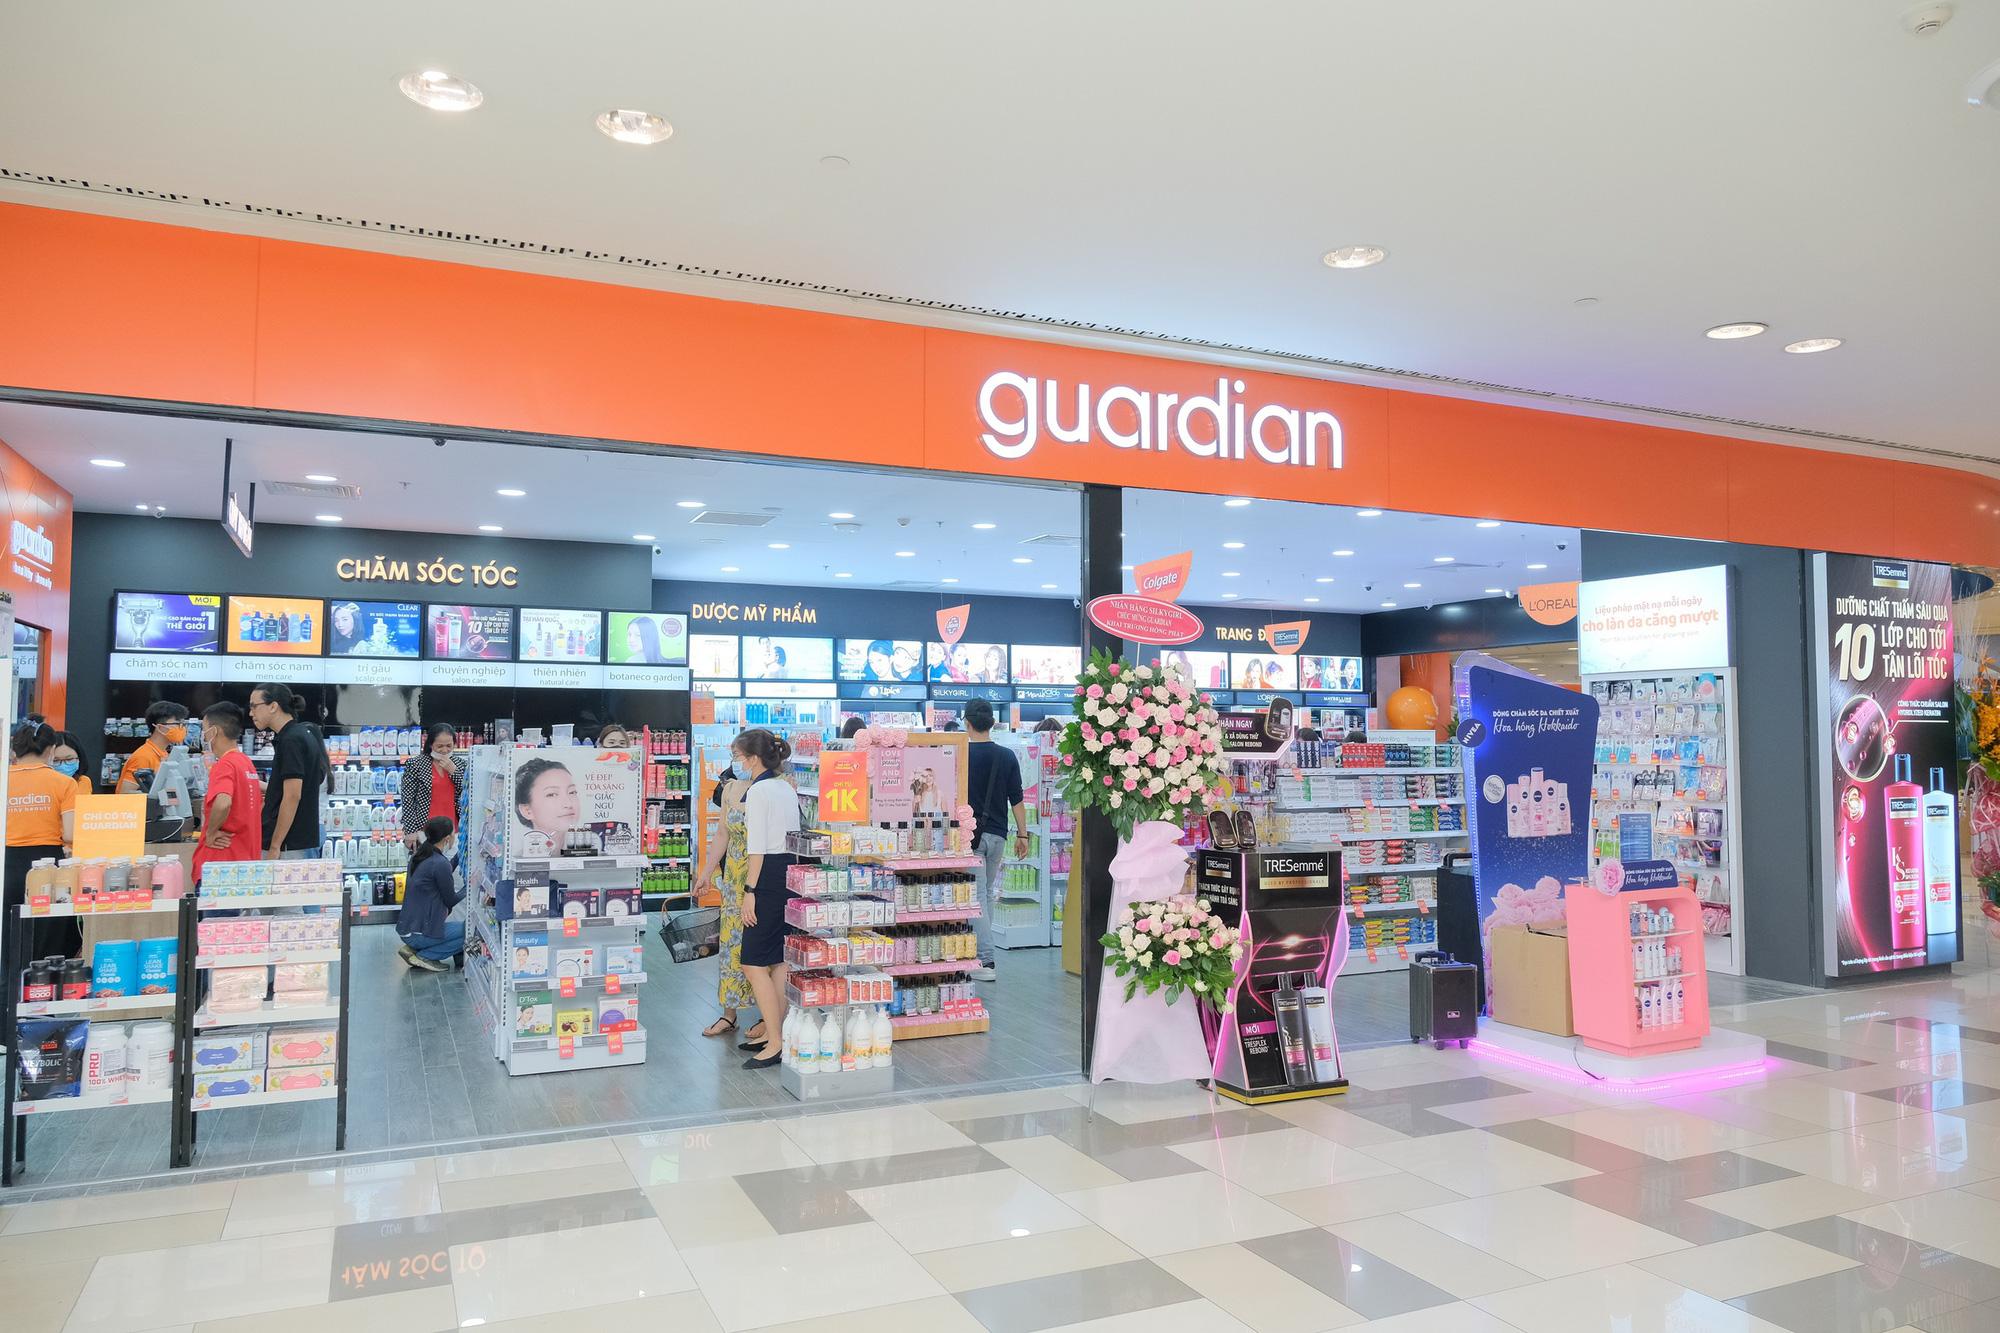 Hội chị em xôn xao trước cửa hàng làm đẹp mới của Guardian: Có gì đặc biệt mà gây sốt đến thế? - Ảnh 1.